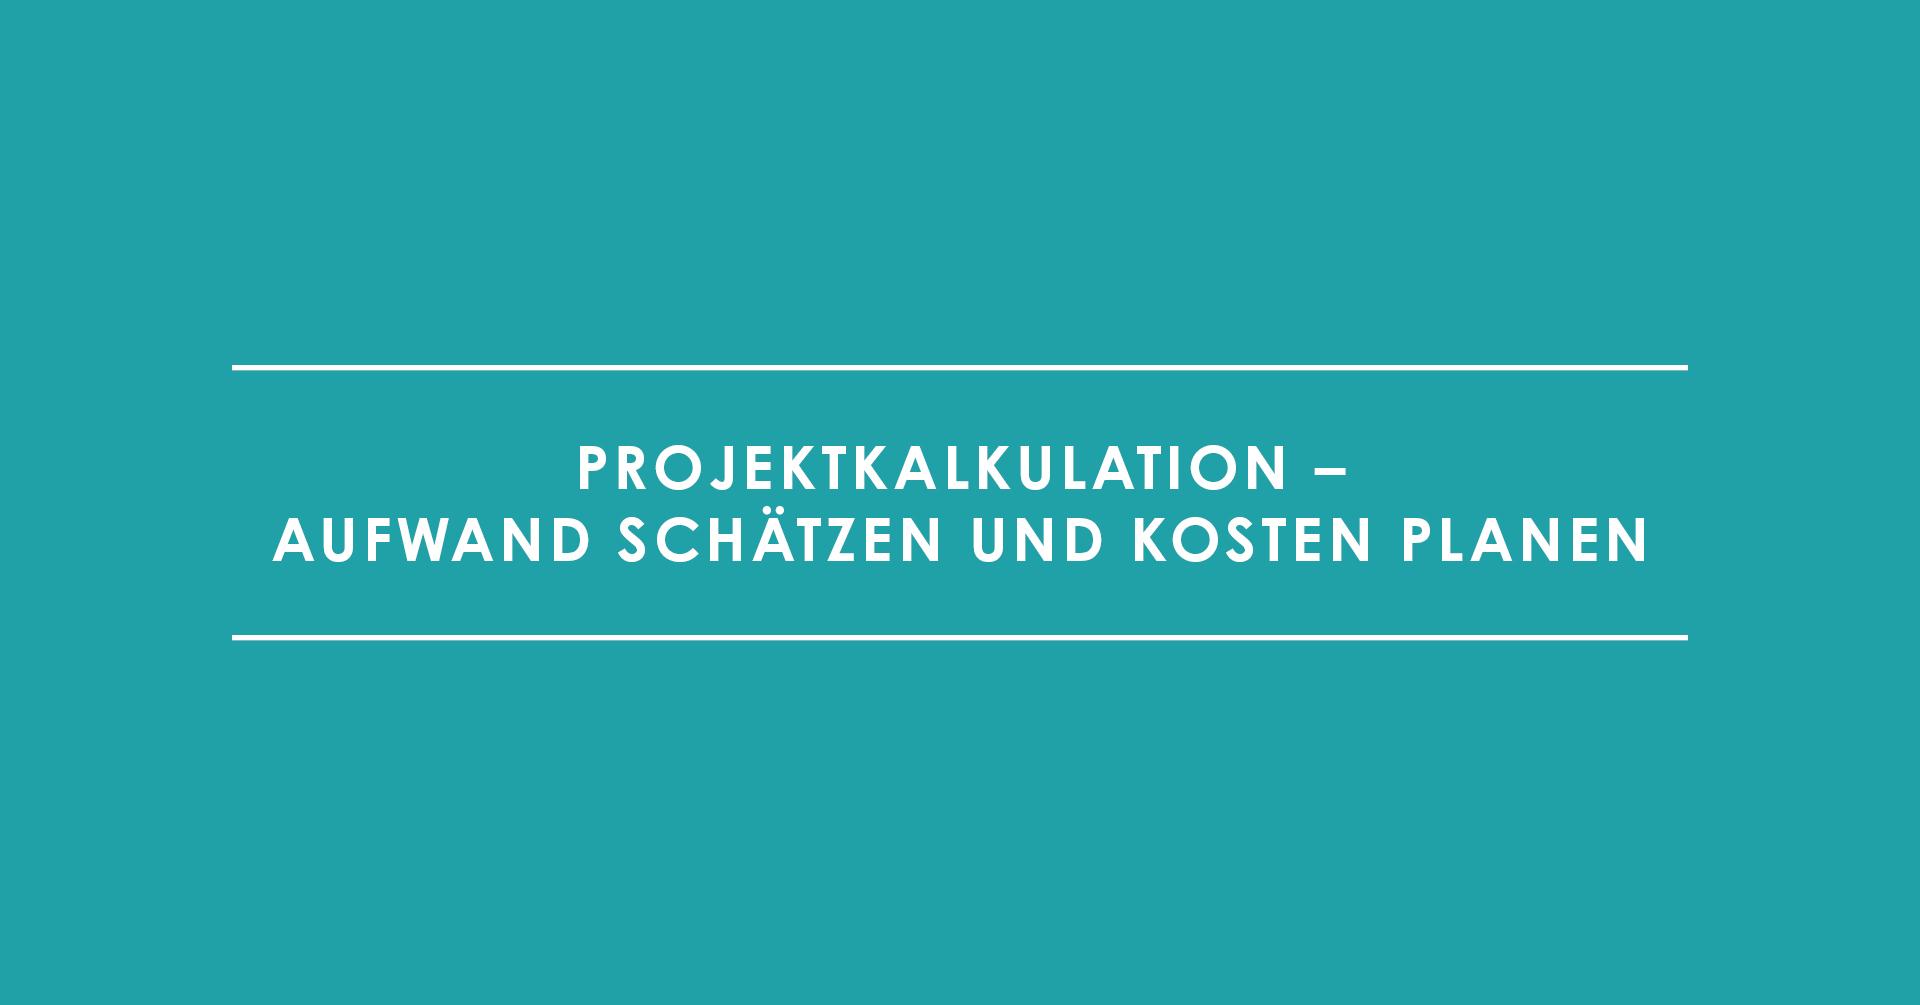 Projektkalkulation – Aufwand schätzen und Kosten planen